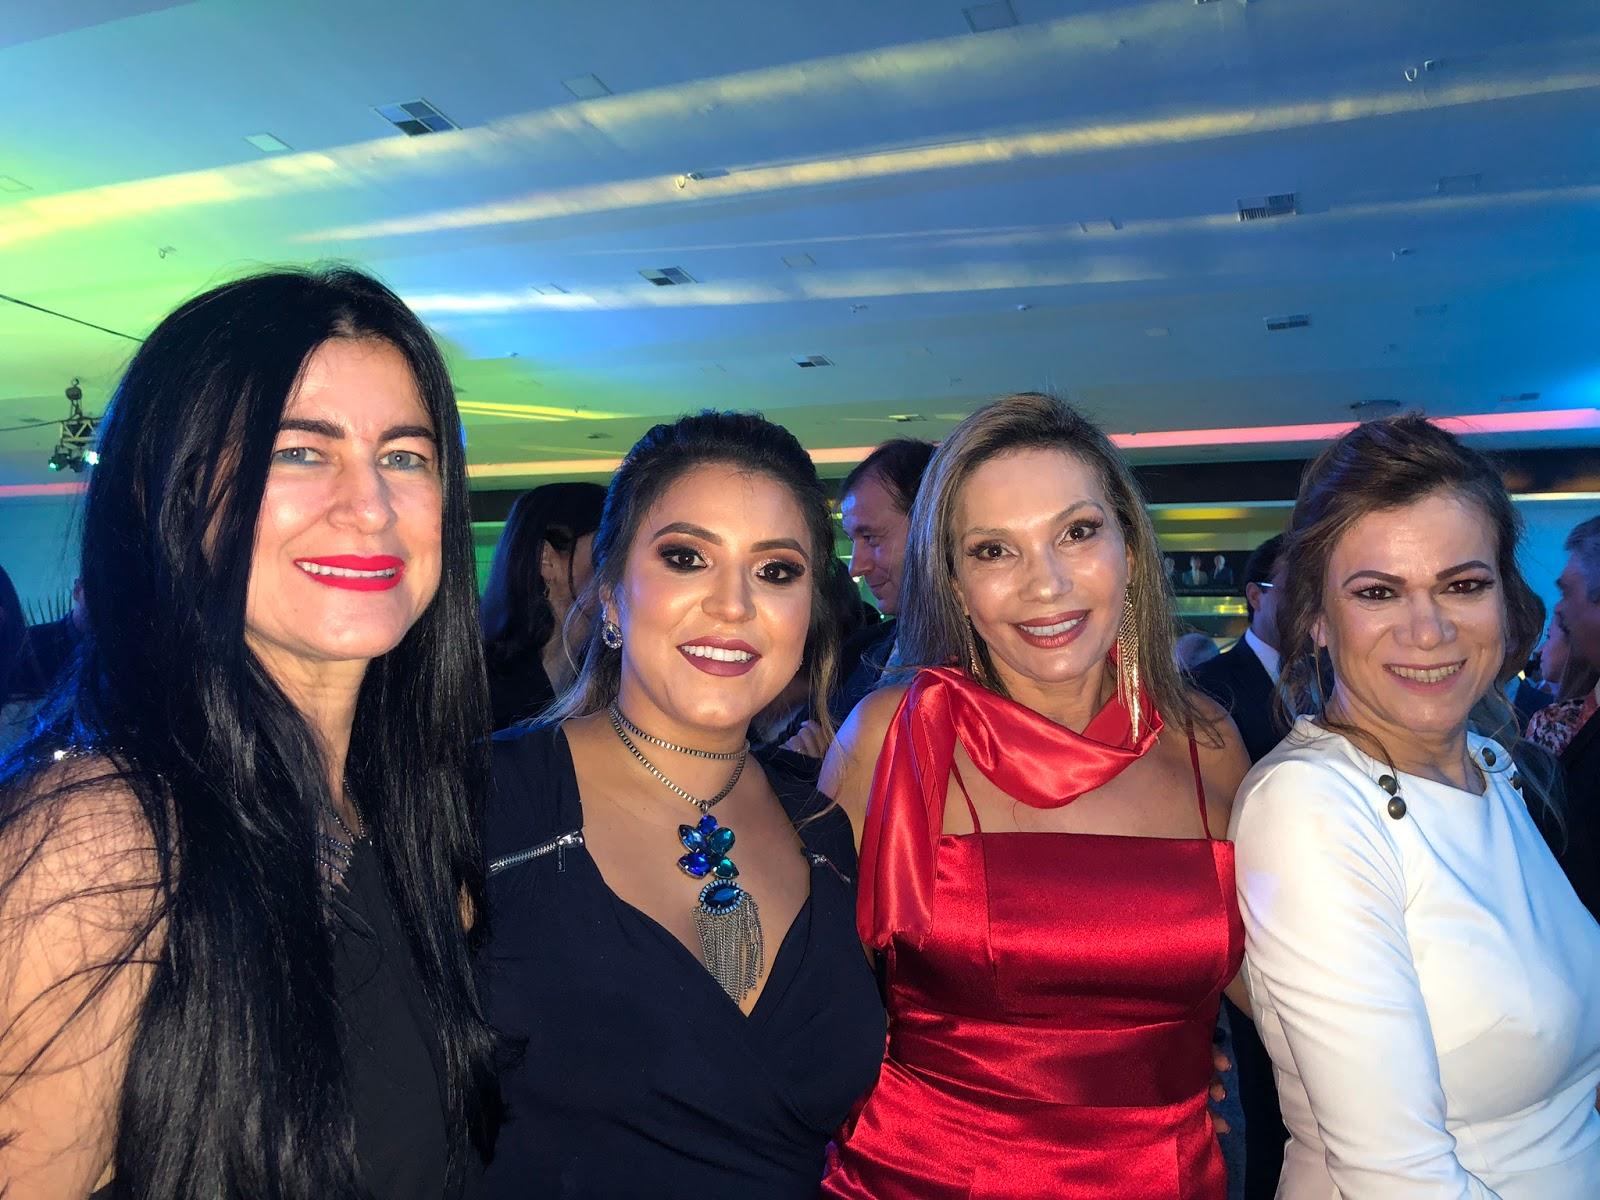 Prêmio Engenho de Jornalismo 2018 - 15 anos de premiação